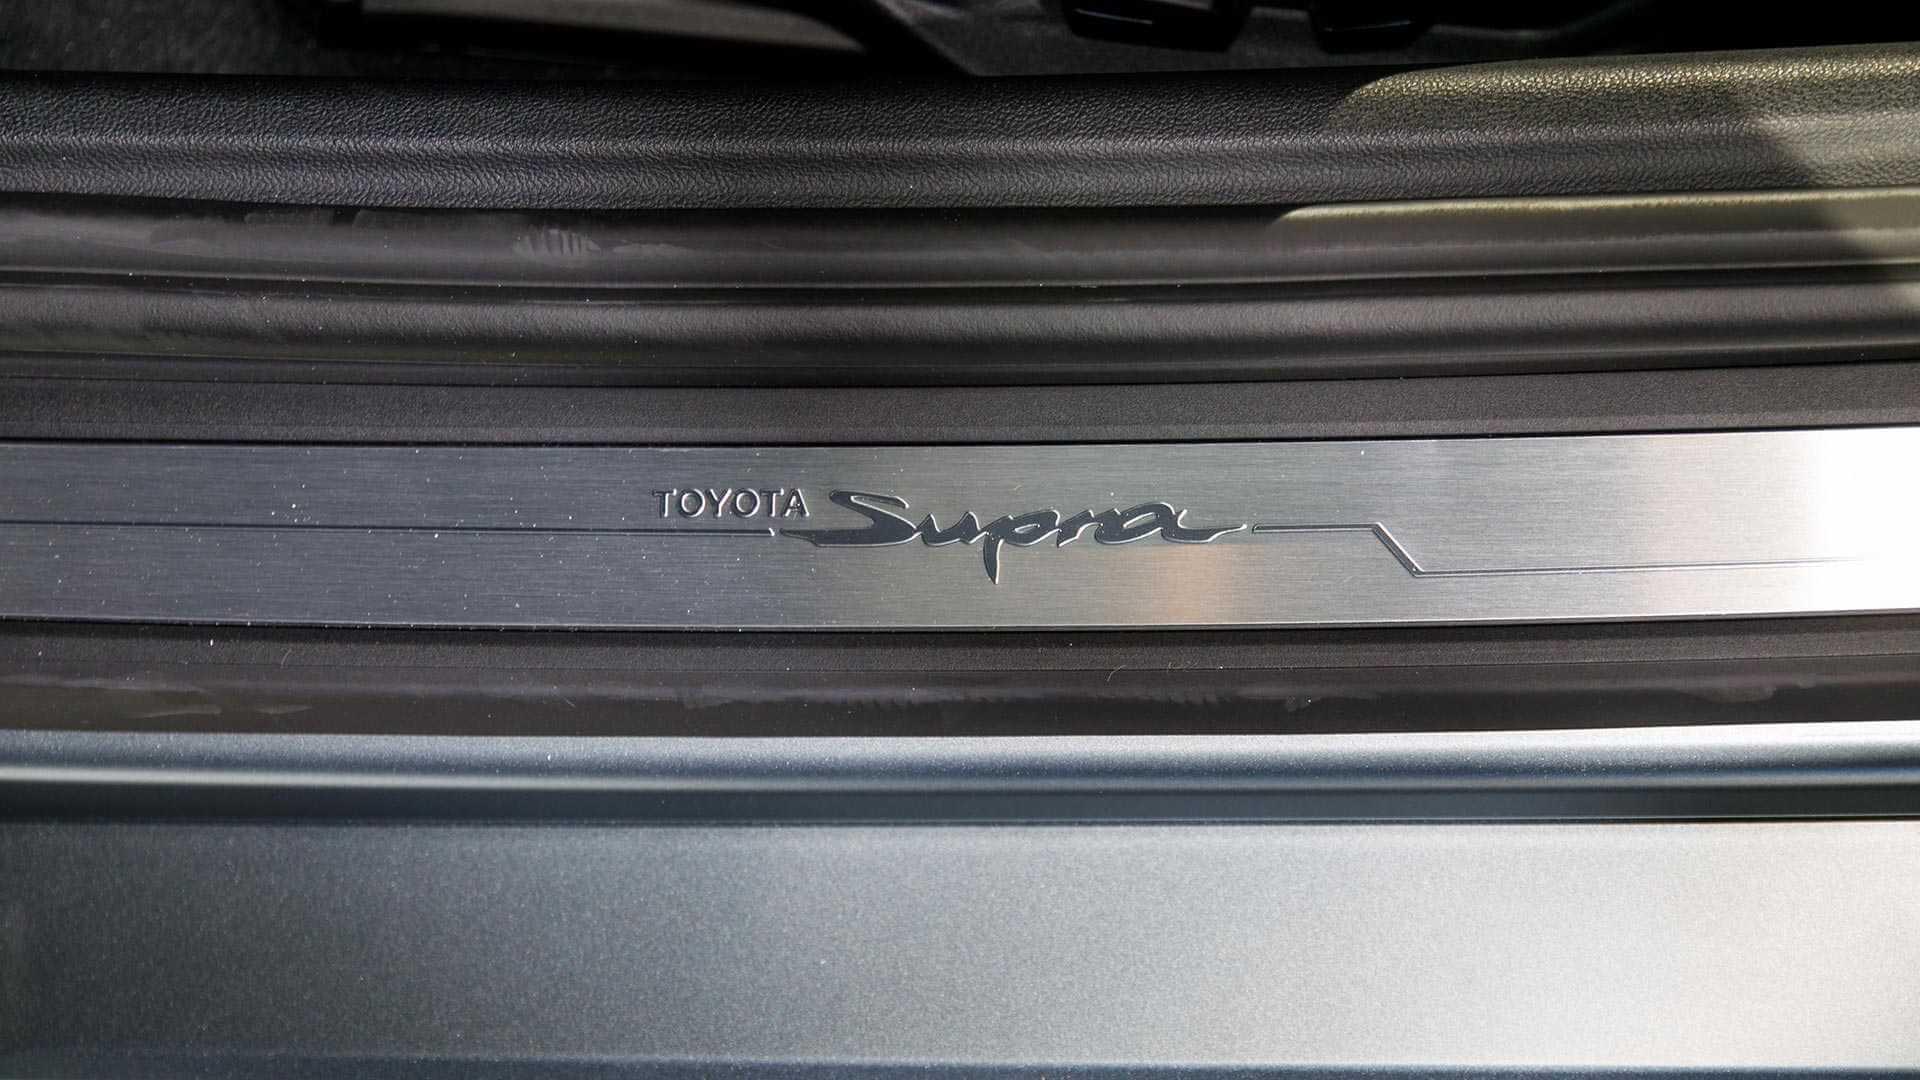 新型スープラA90のインテリア(内装)デザイン画像